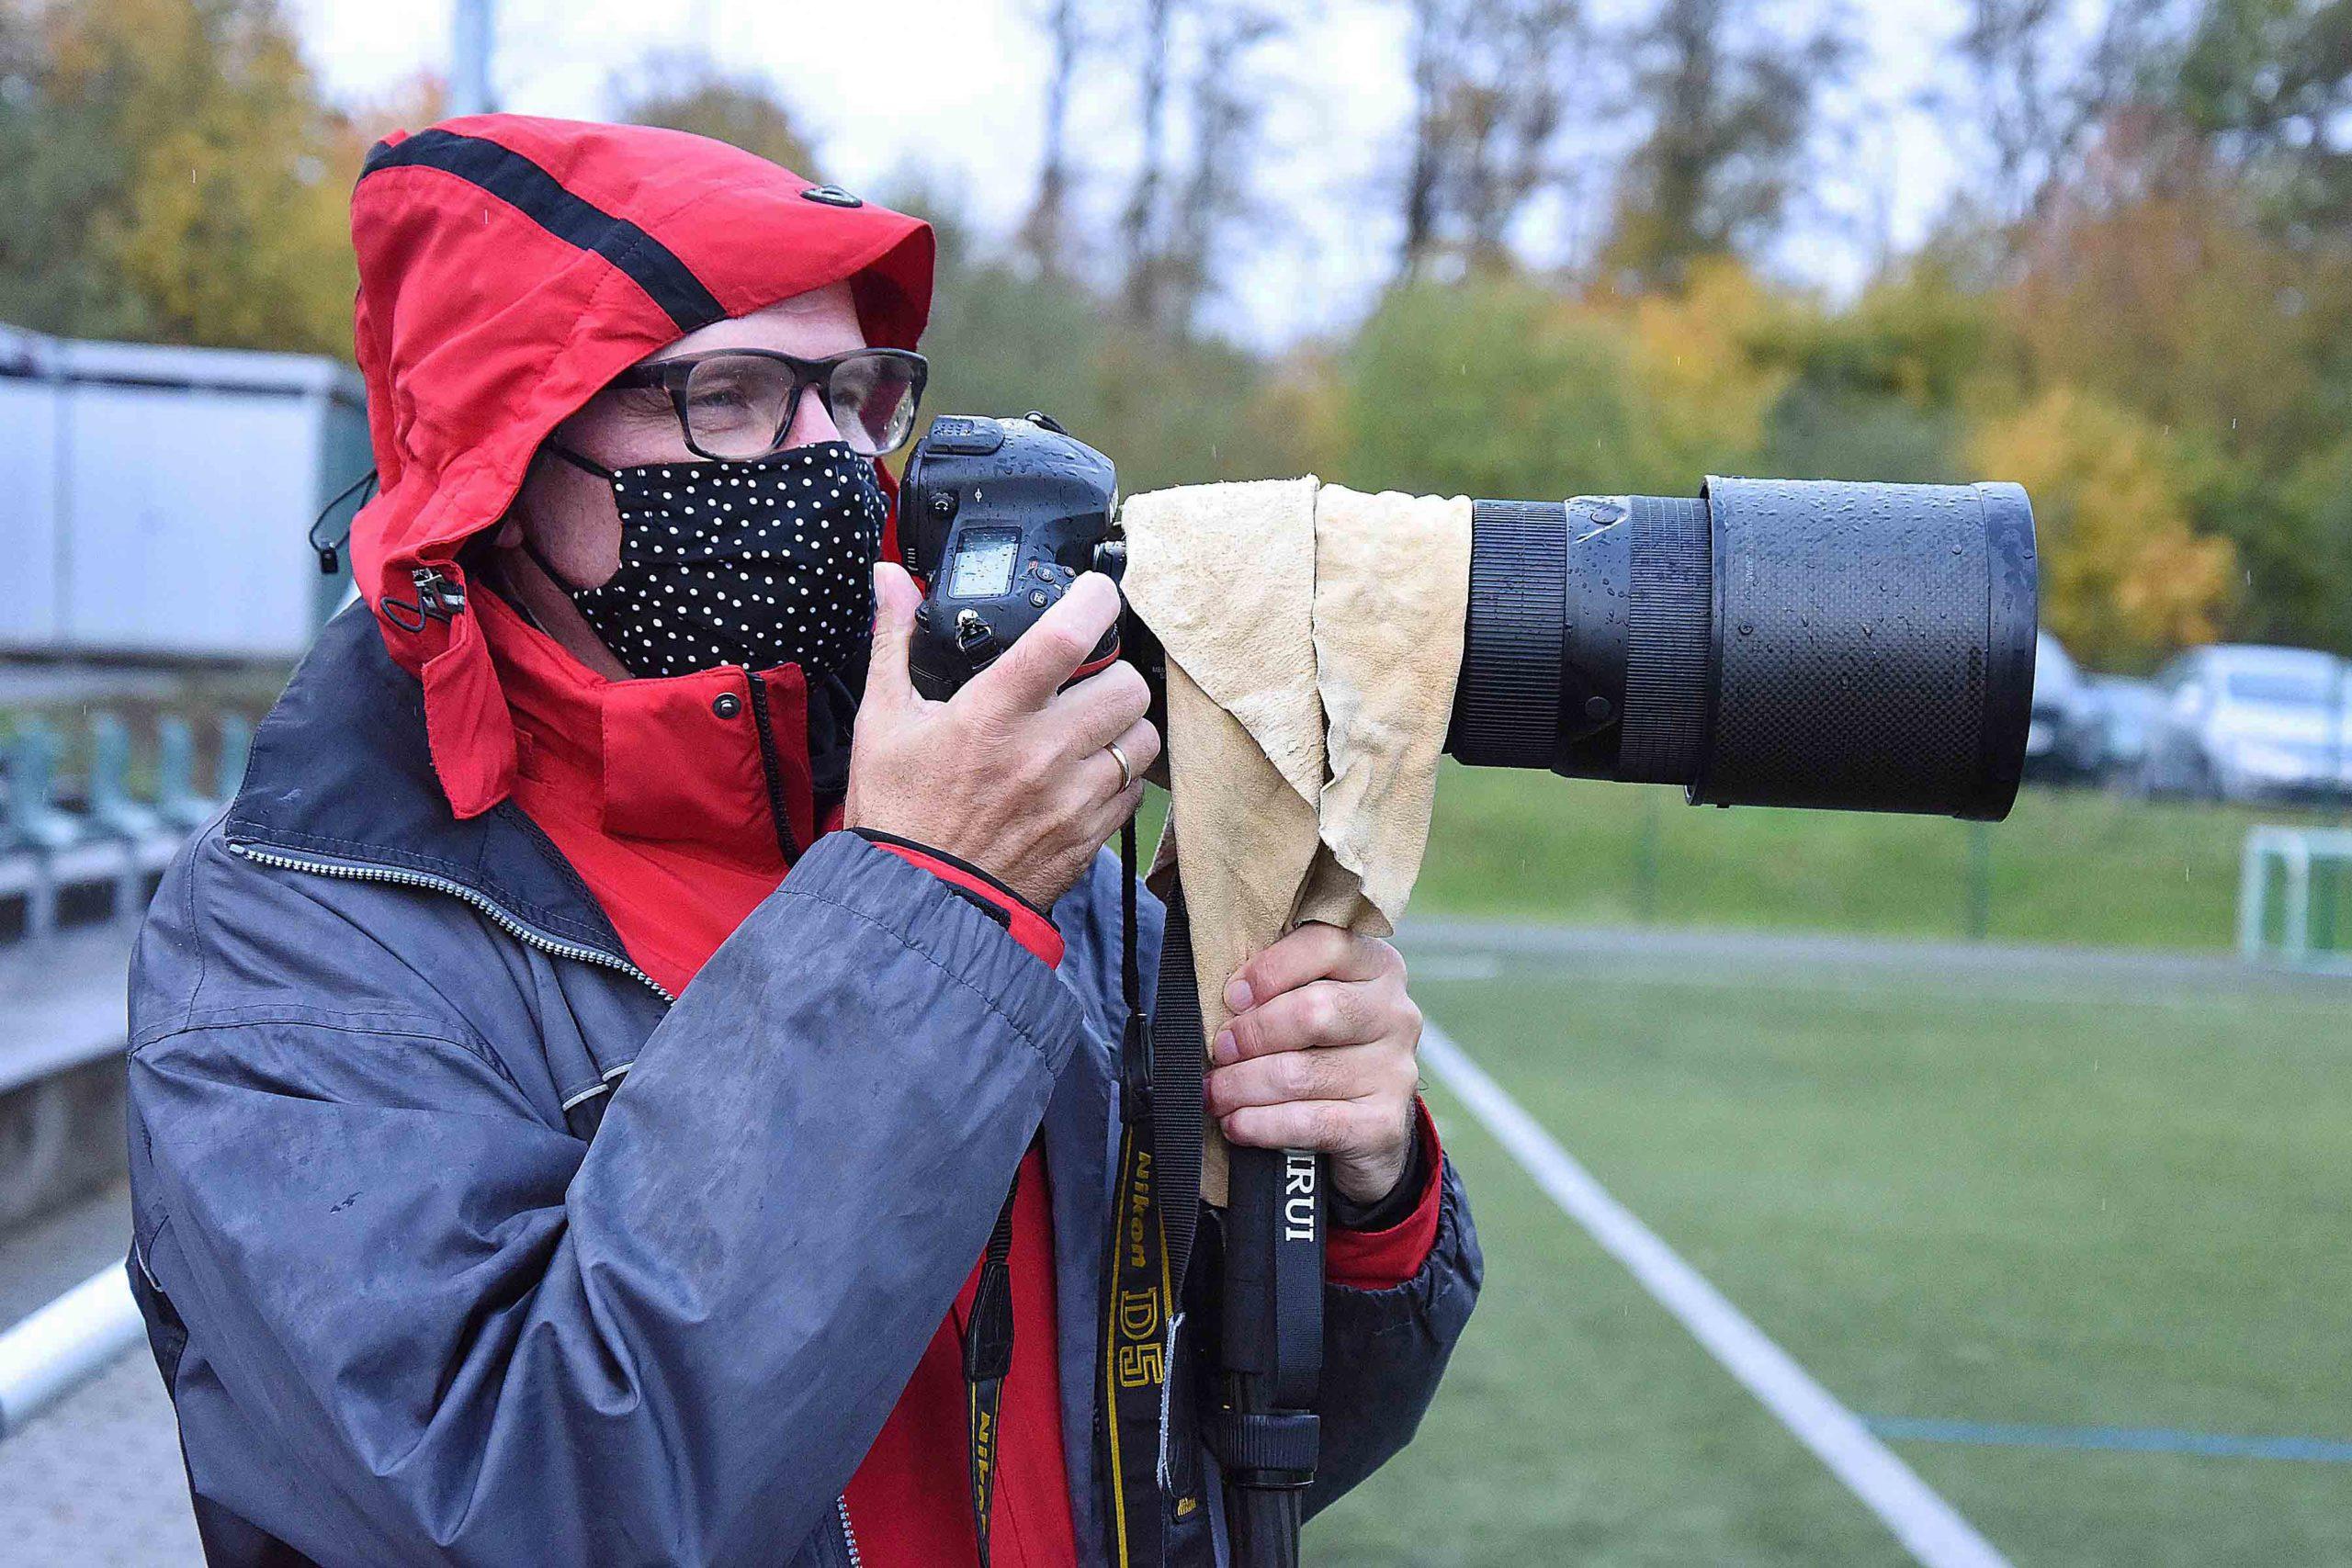 Einsatz bei Regen und unter Corona-Bedingungen, Foto: Richard Elmerhaus